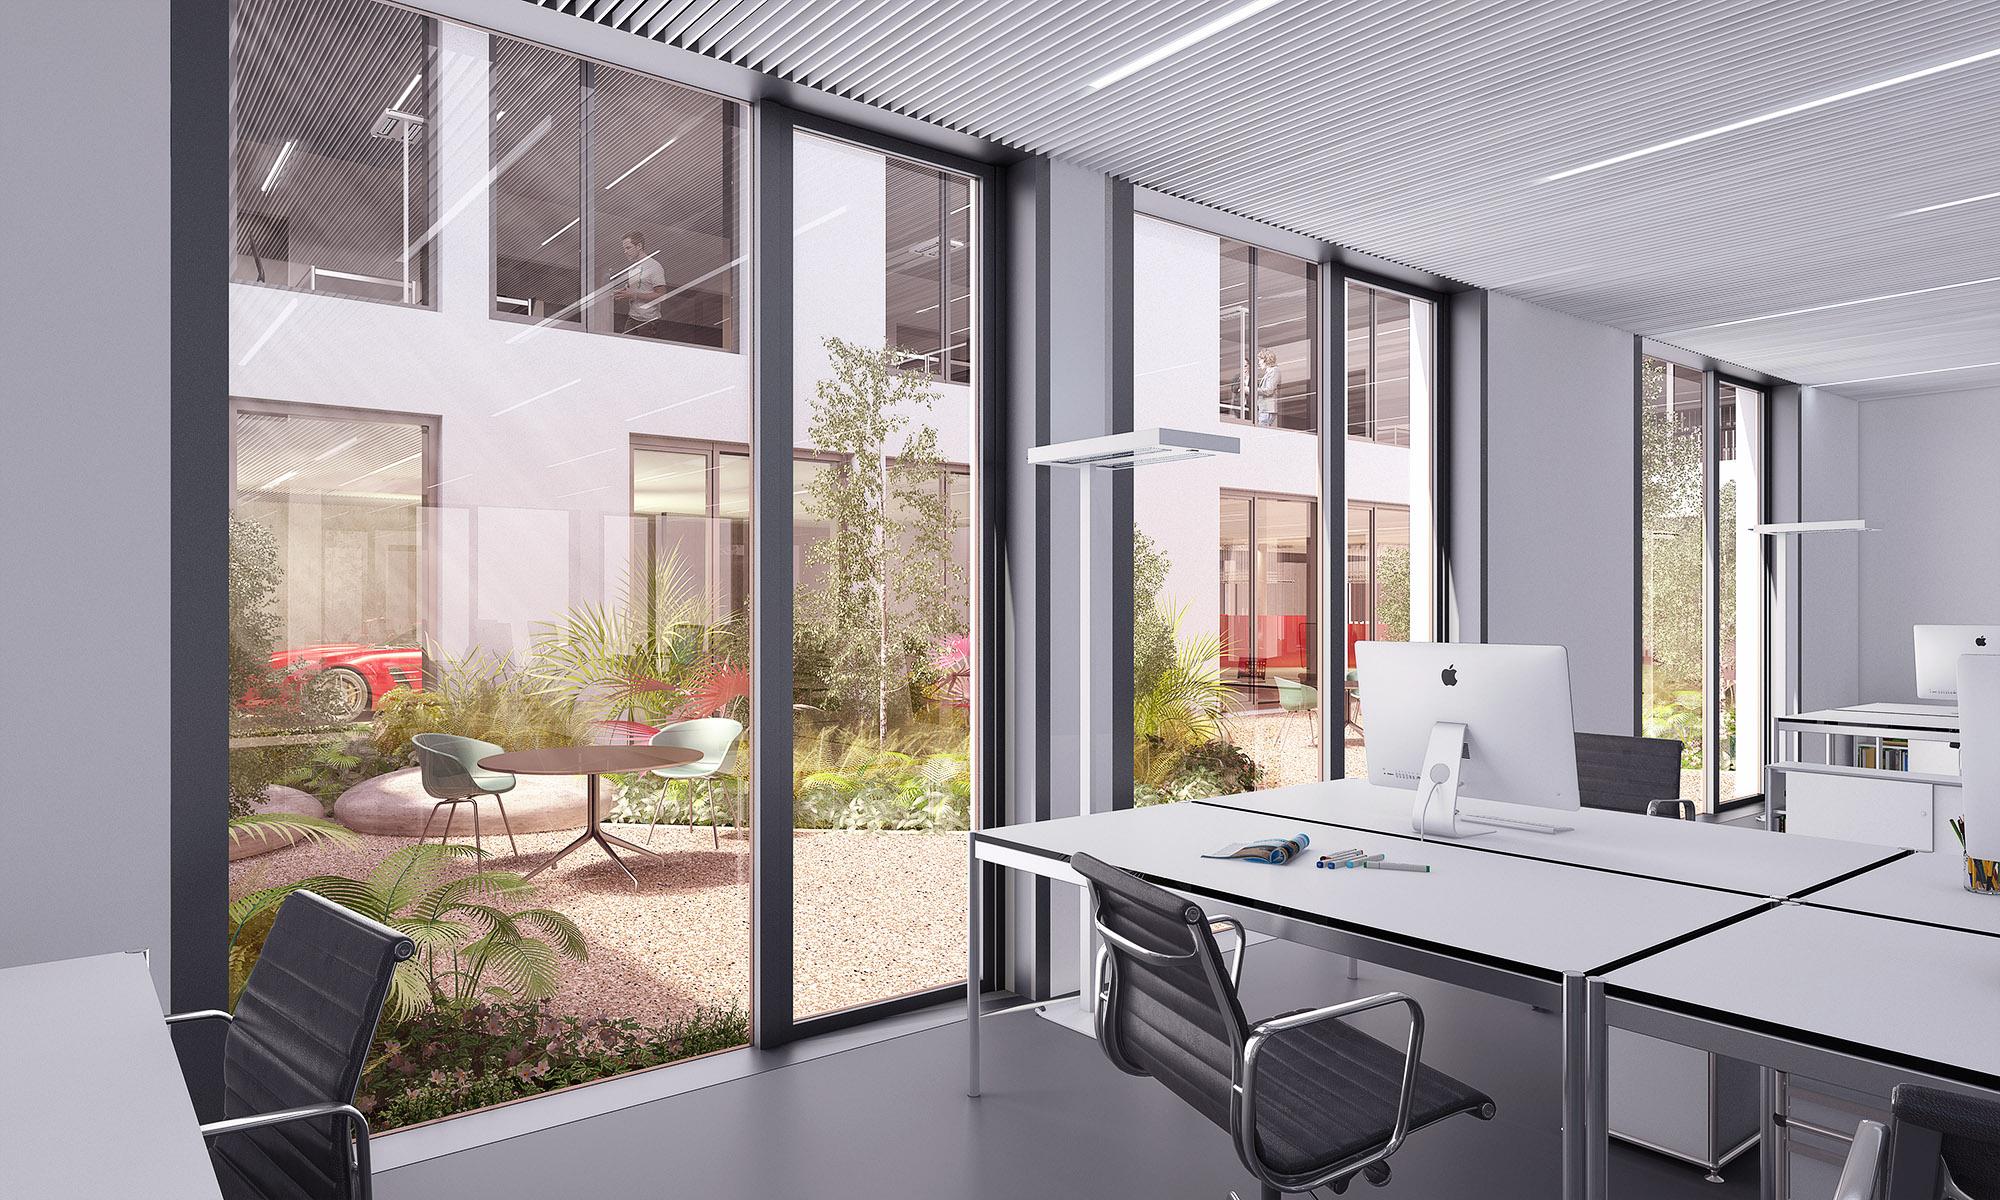 mojoimages architekturvisualisierung Kadawittfeldarchitektur Vermietung WSU Salzburg 2017